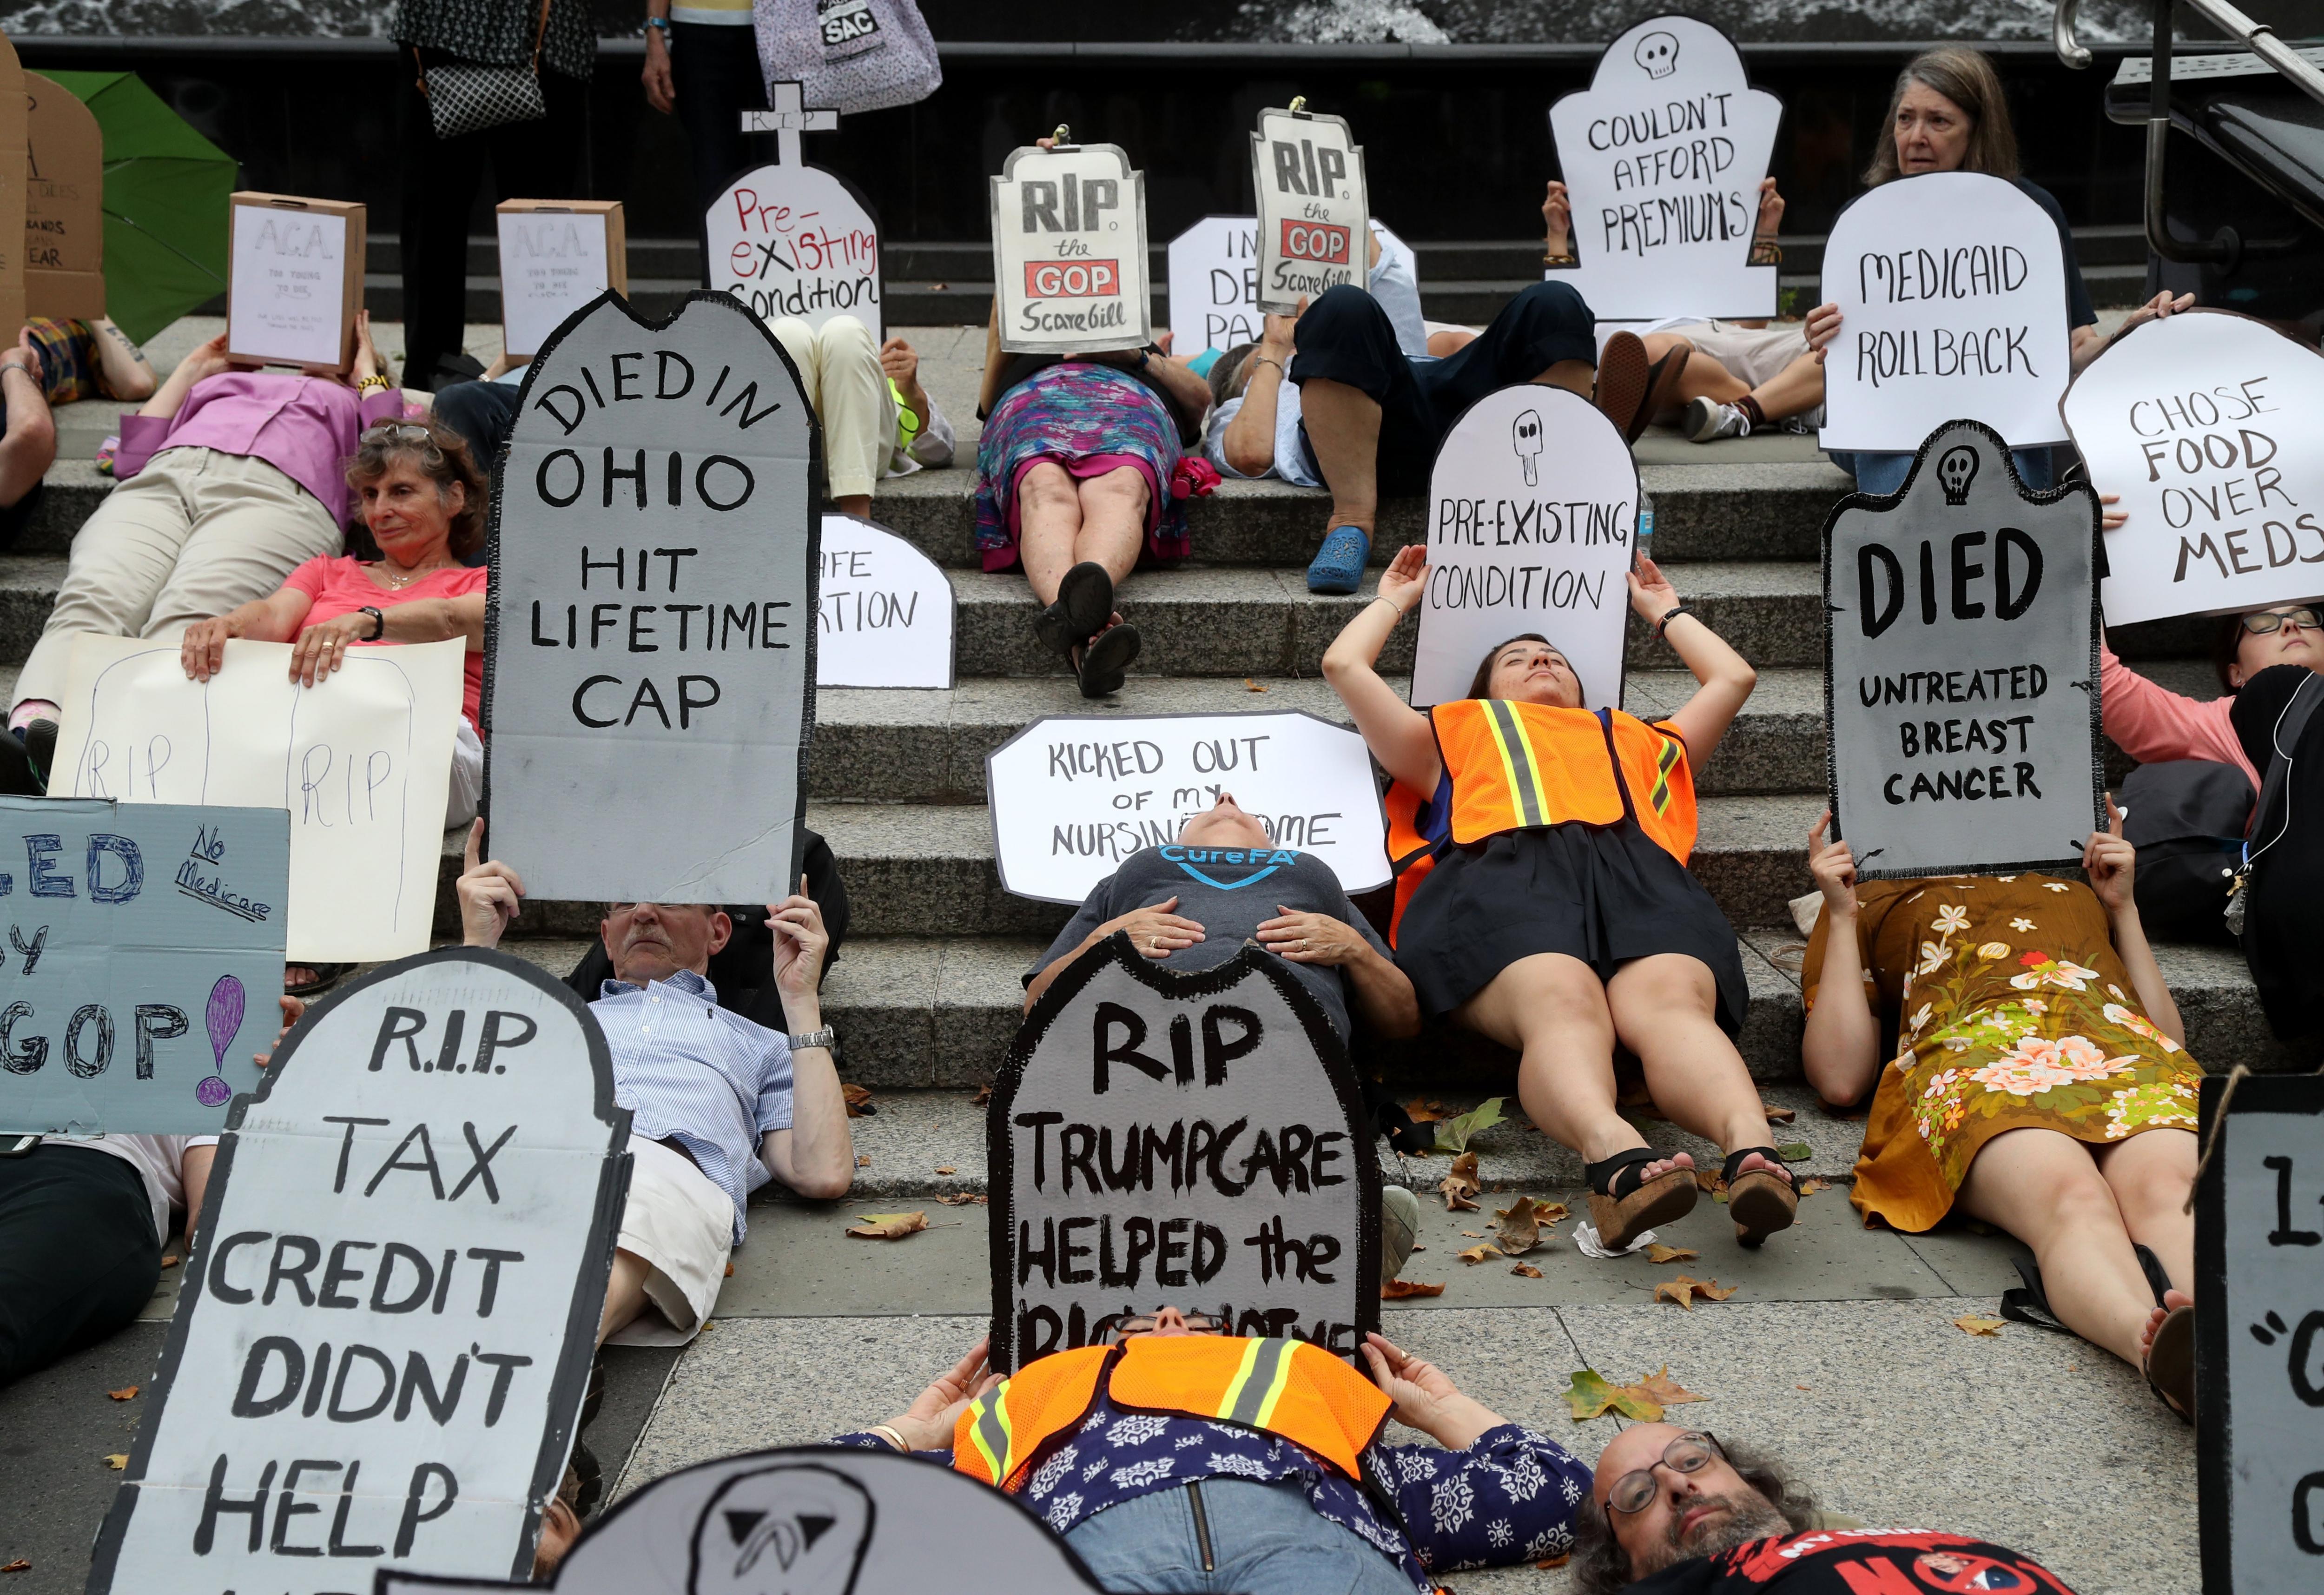 Dones protesten pel sistema de Salut a Nova York. /ANDREW GOMBERT